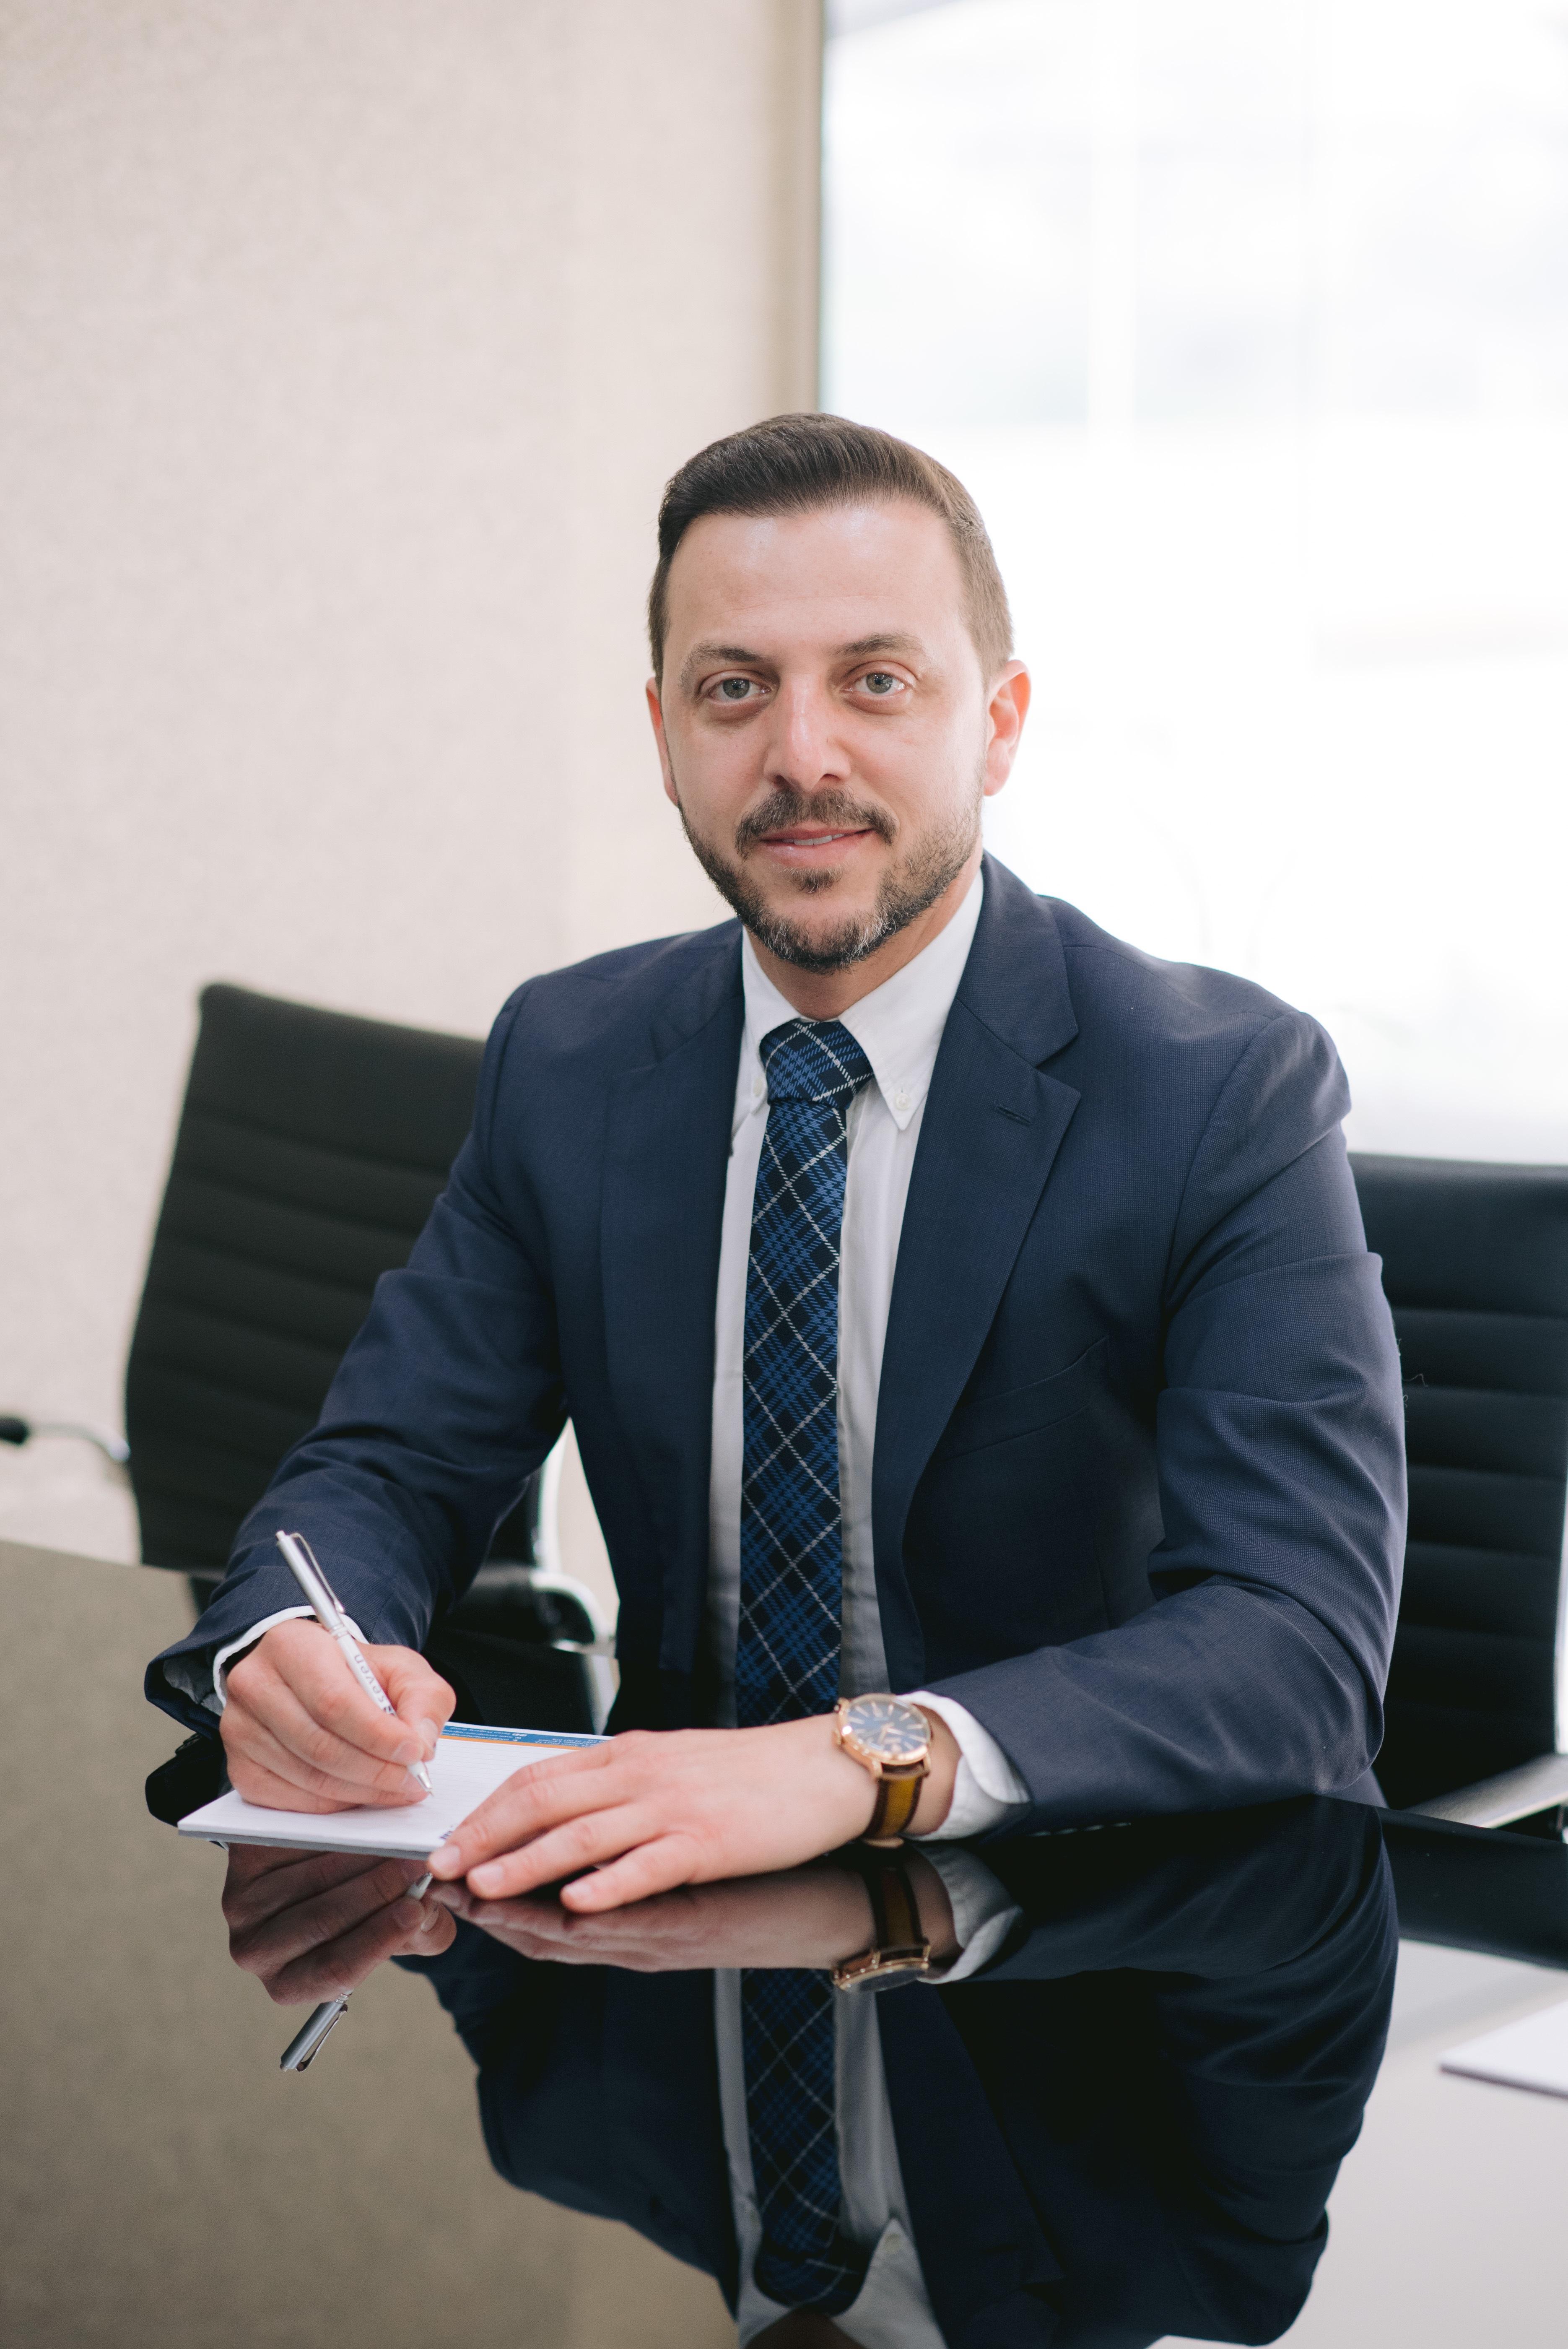 Πέντε λεπτά με τον Διευθύνων Σύμβουλο της Seven Properties κ. Βασίλη Αρτεμίου